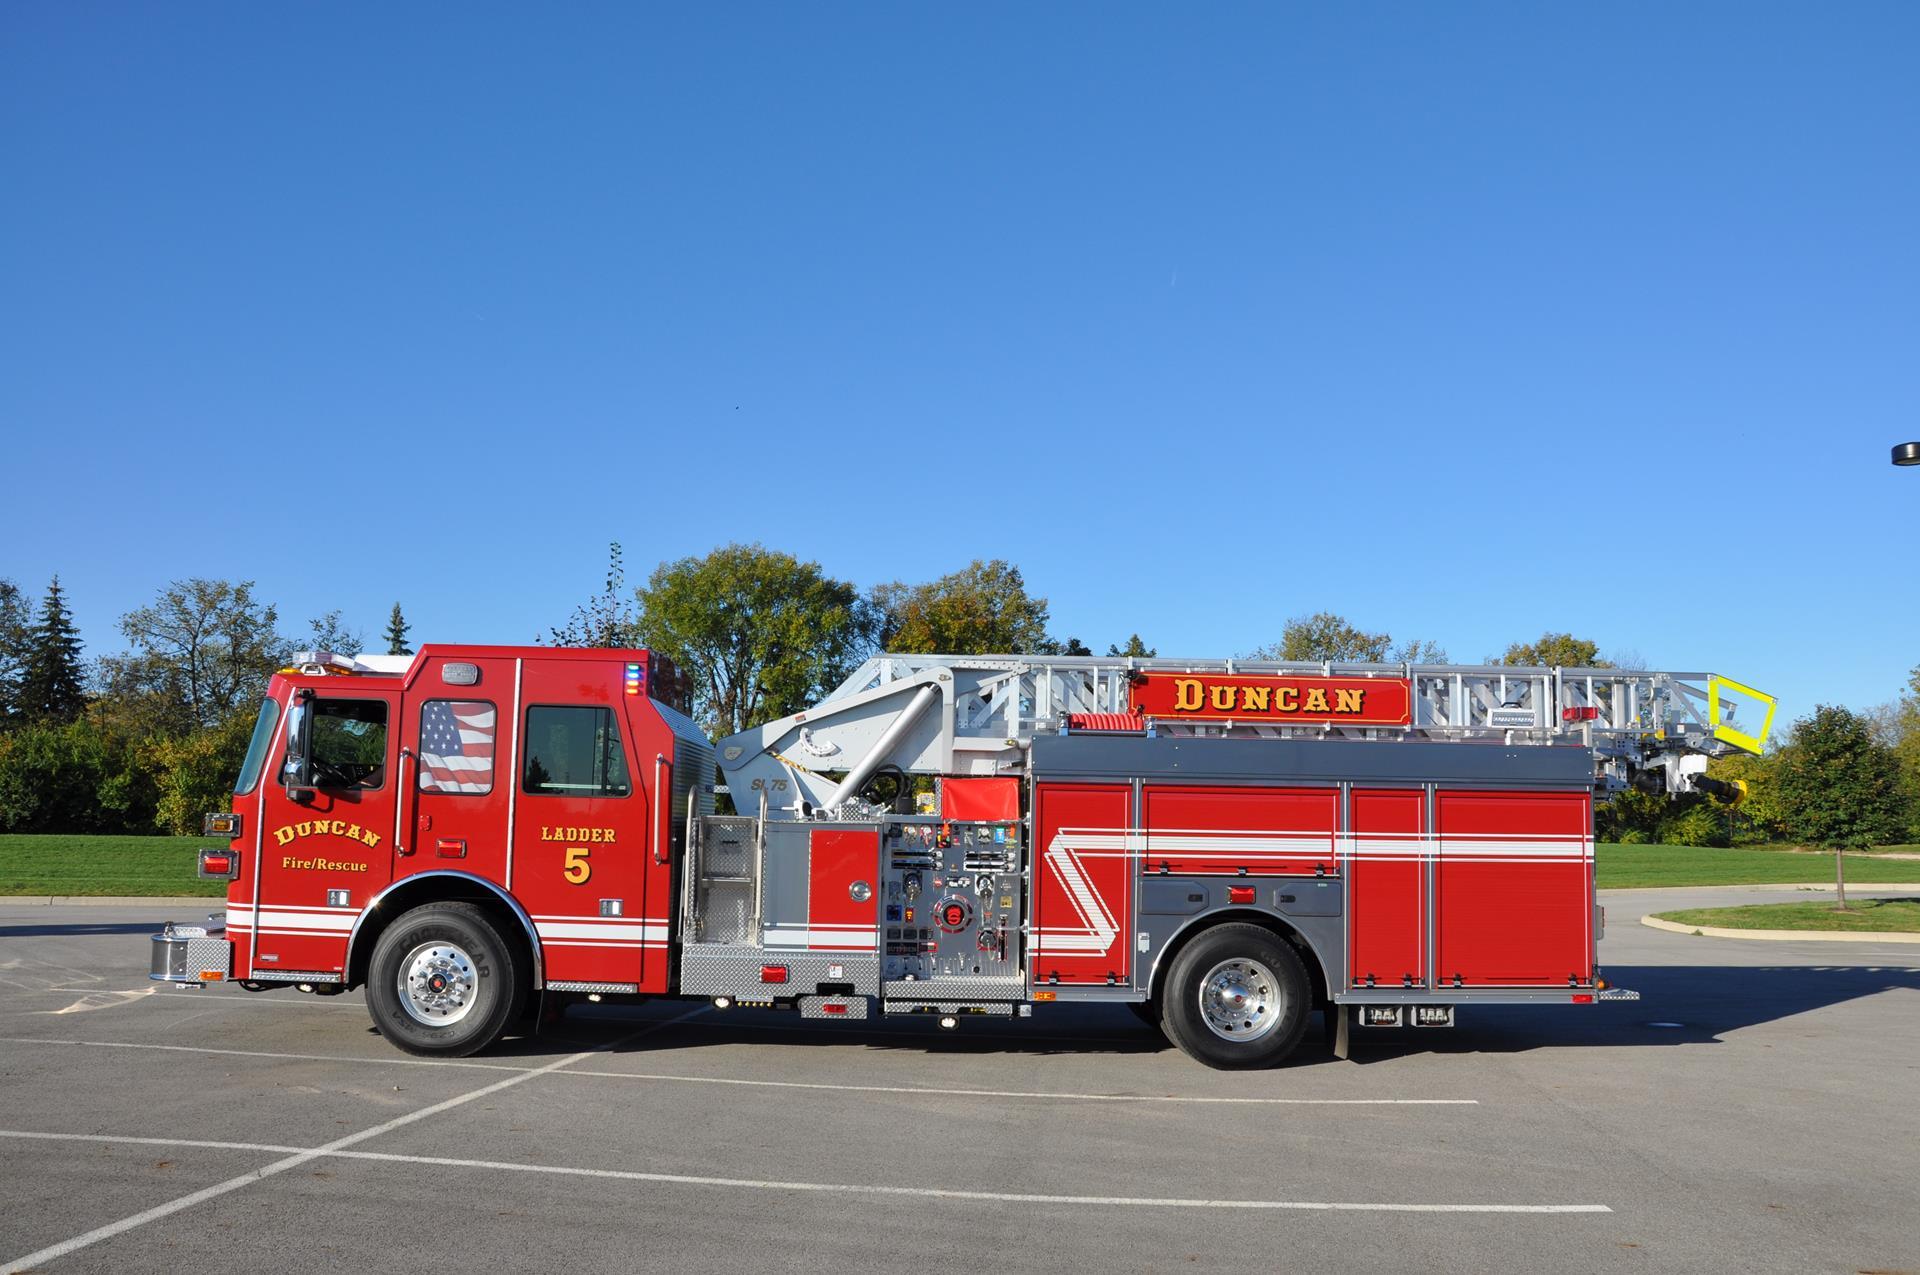 Duncan Fire Department, OK